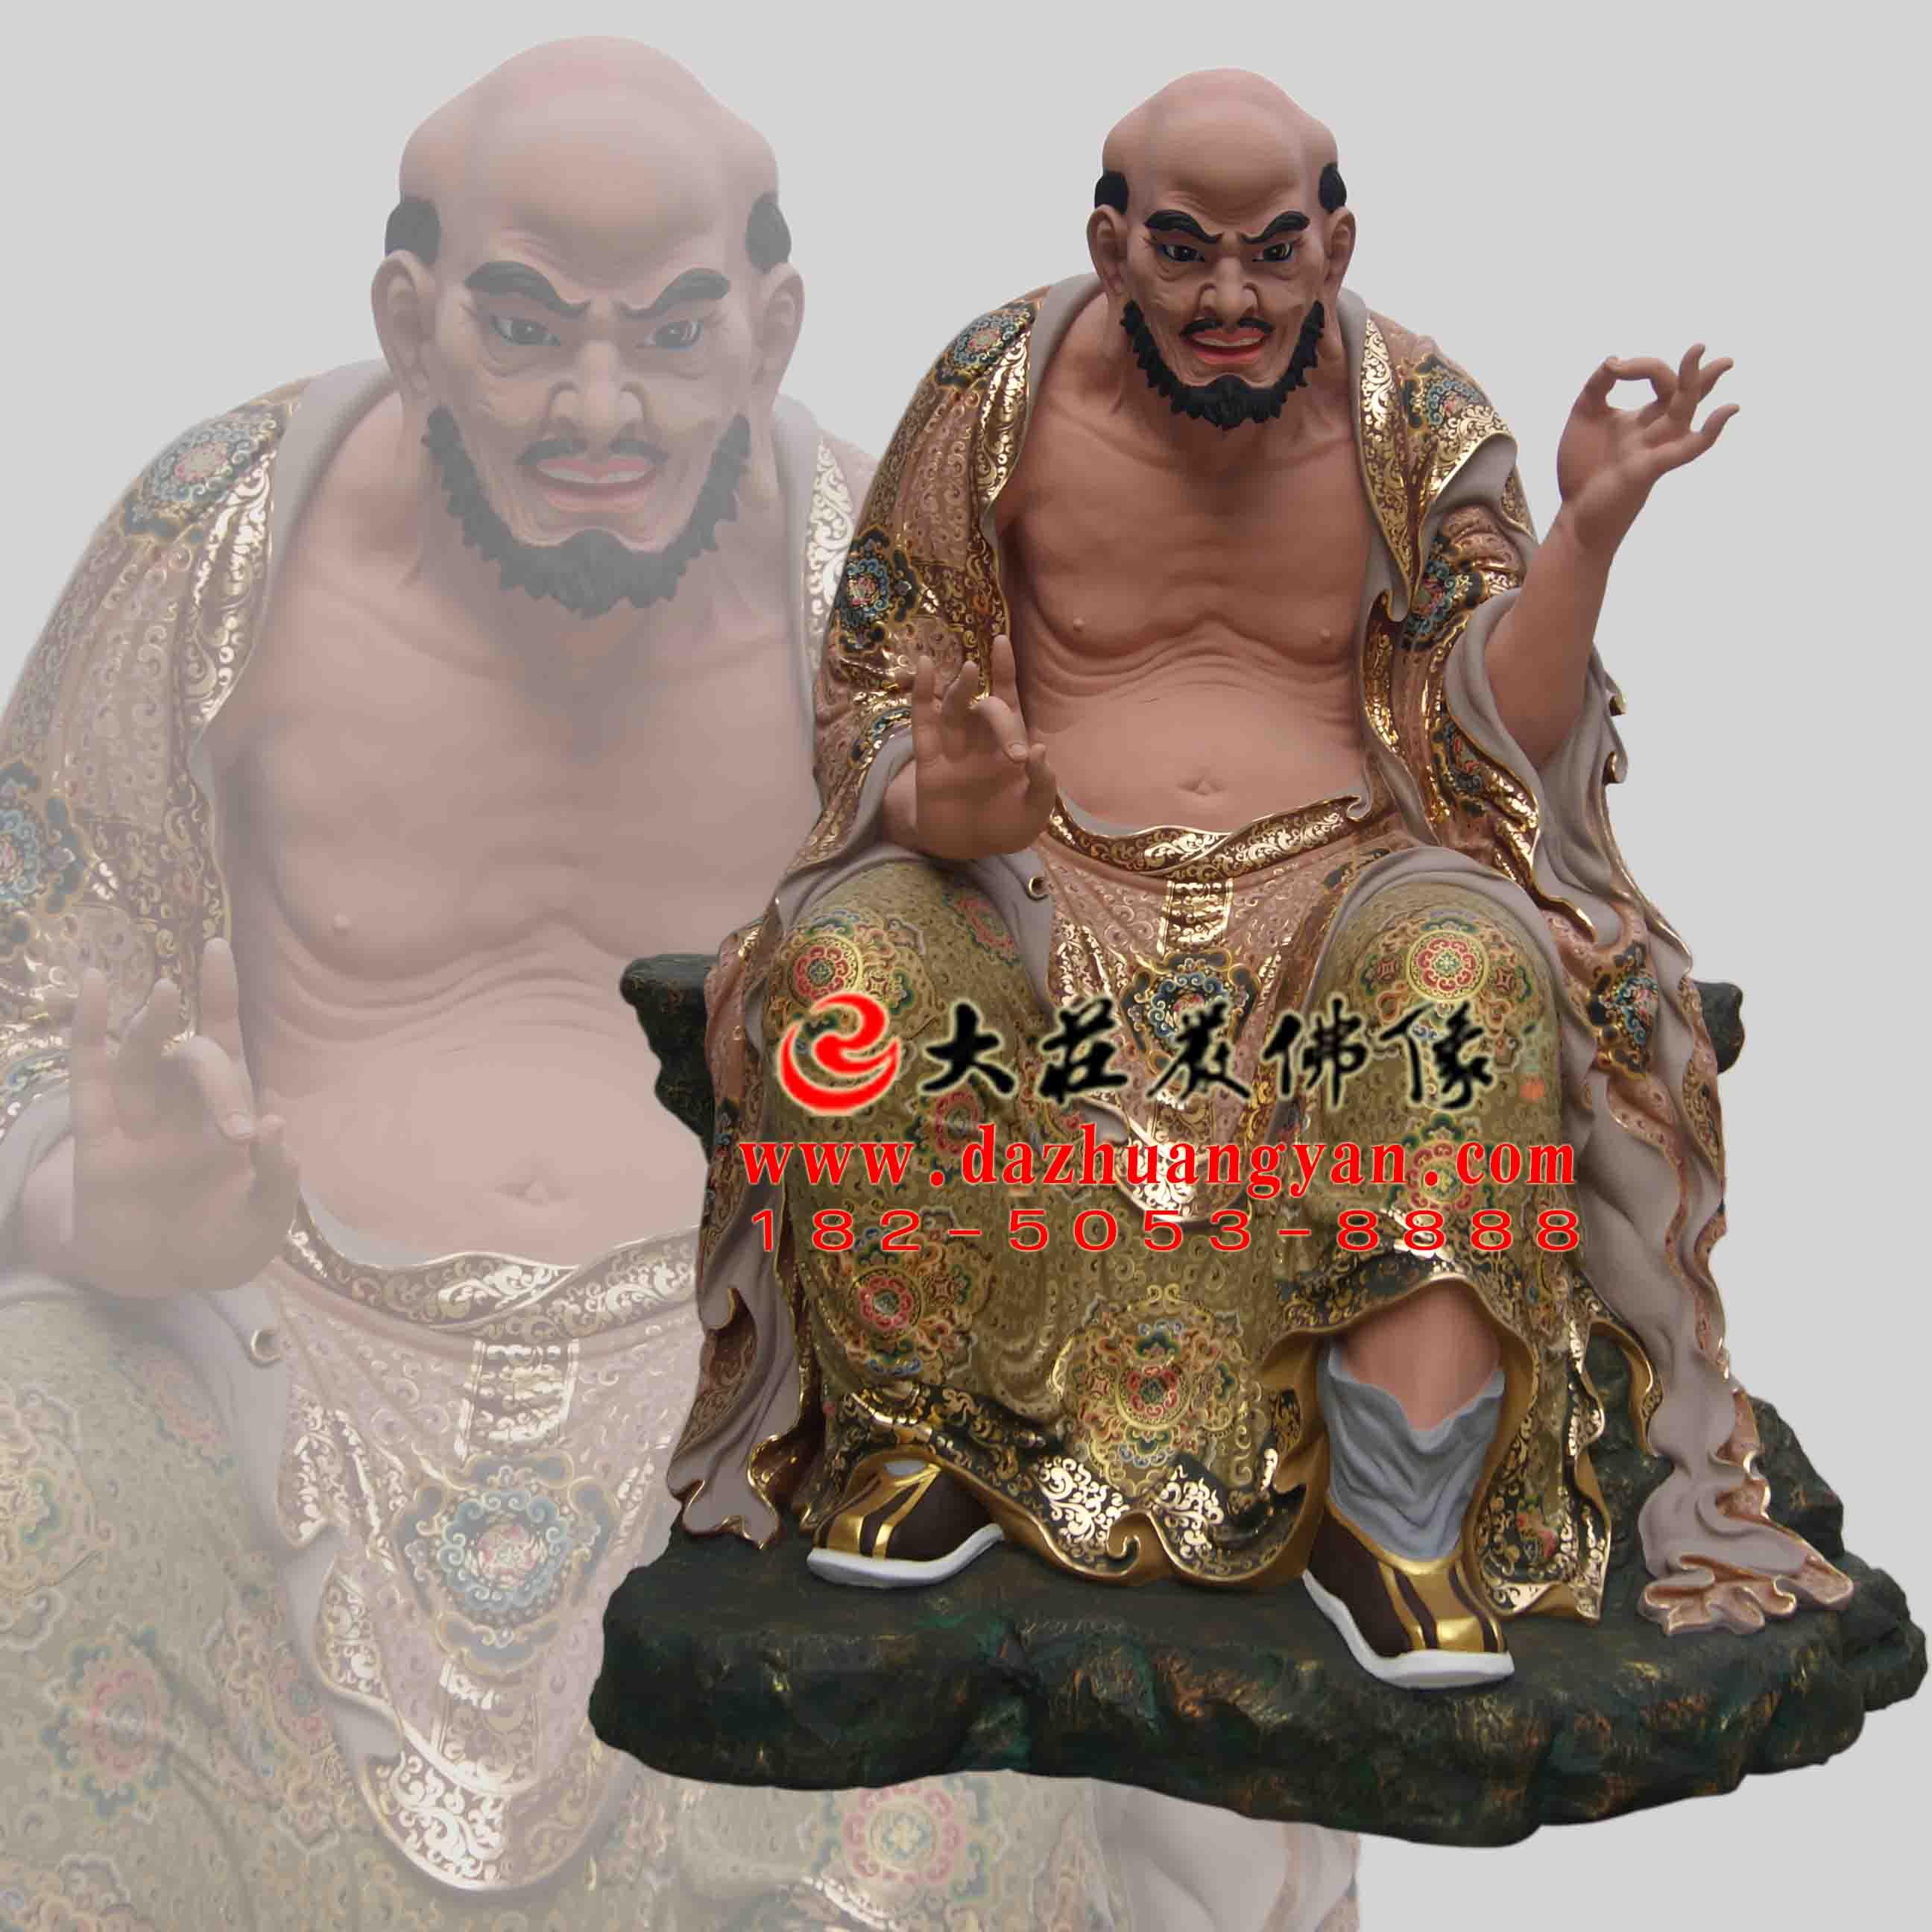 宾头卢尊者生漆脱胎彩绘佛像【201820】